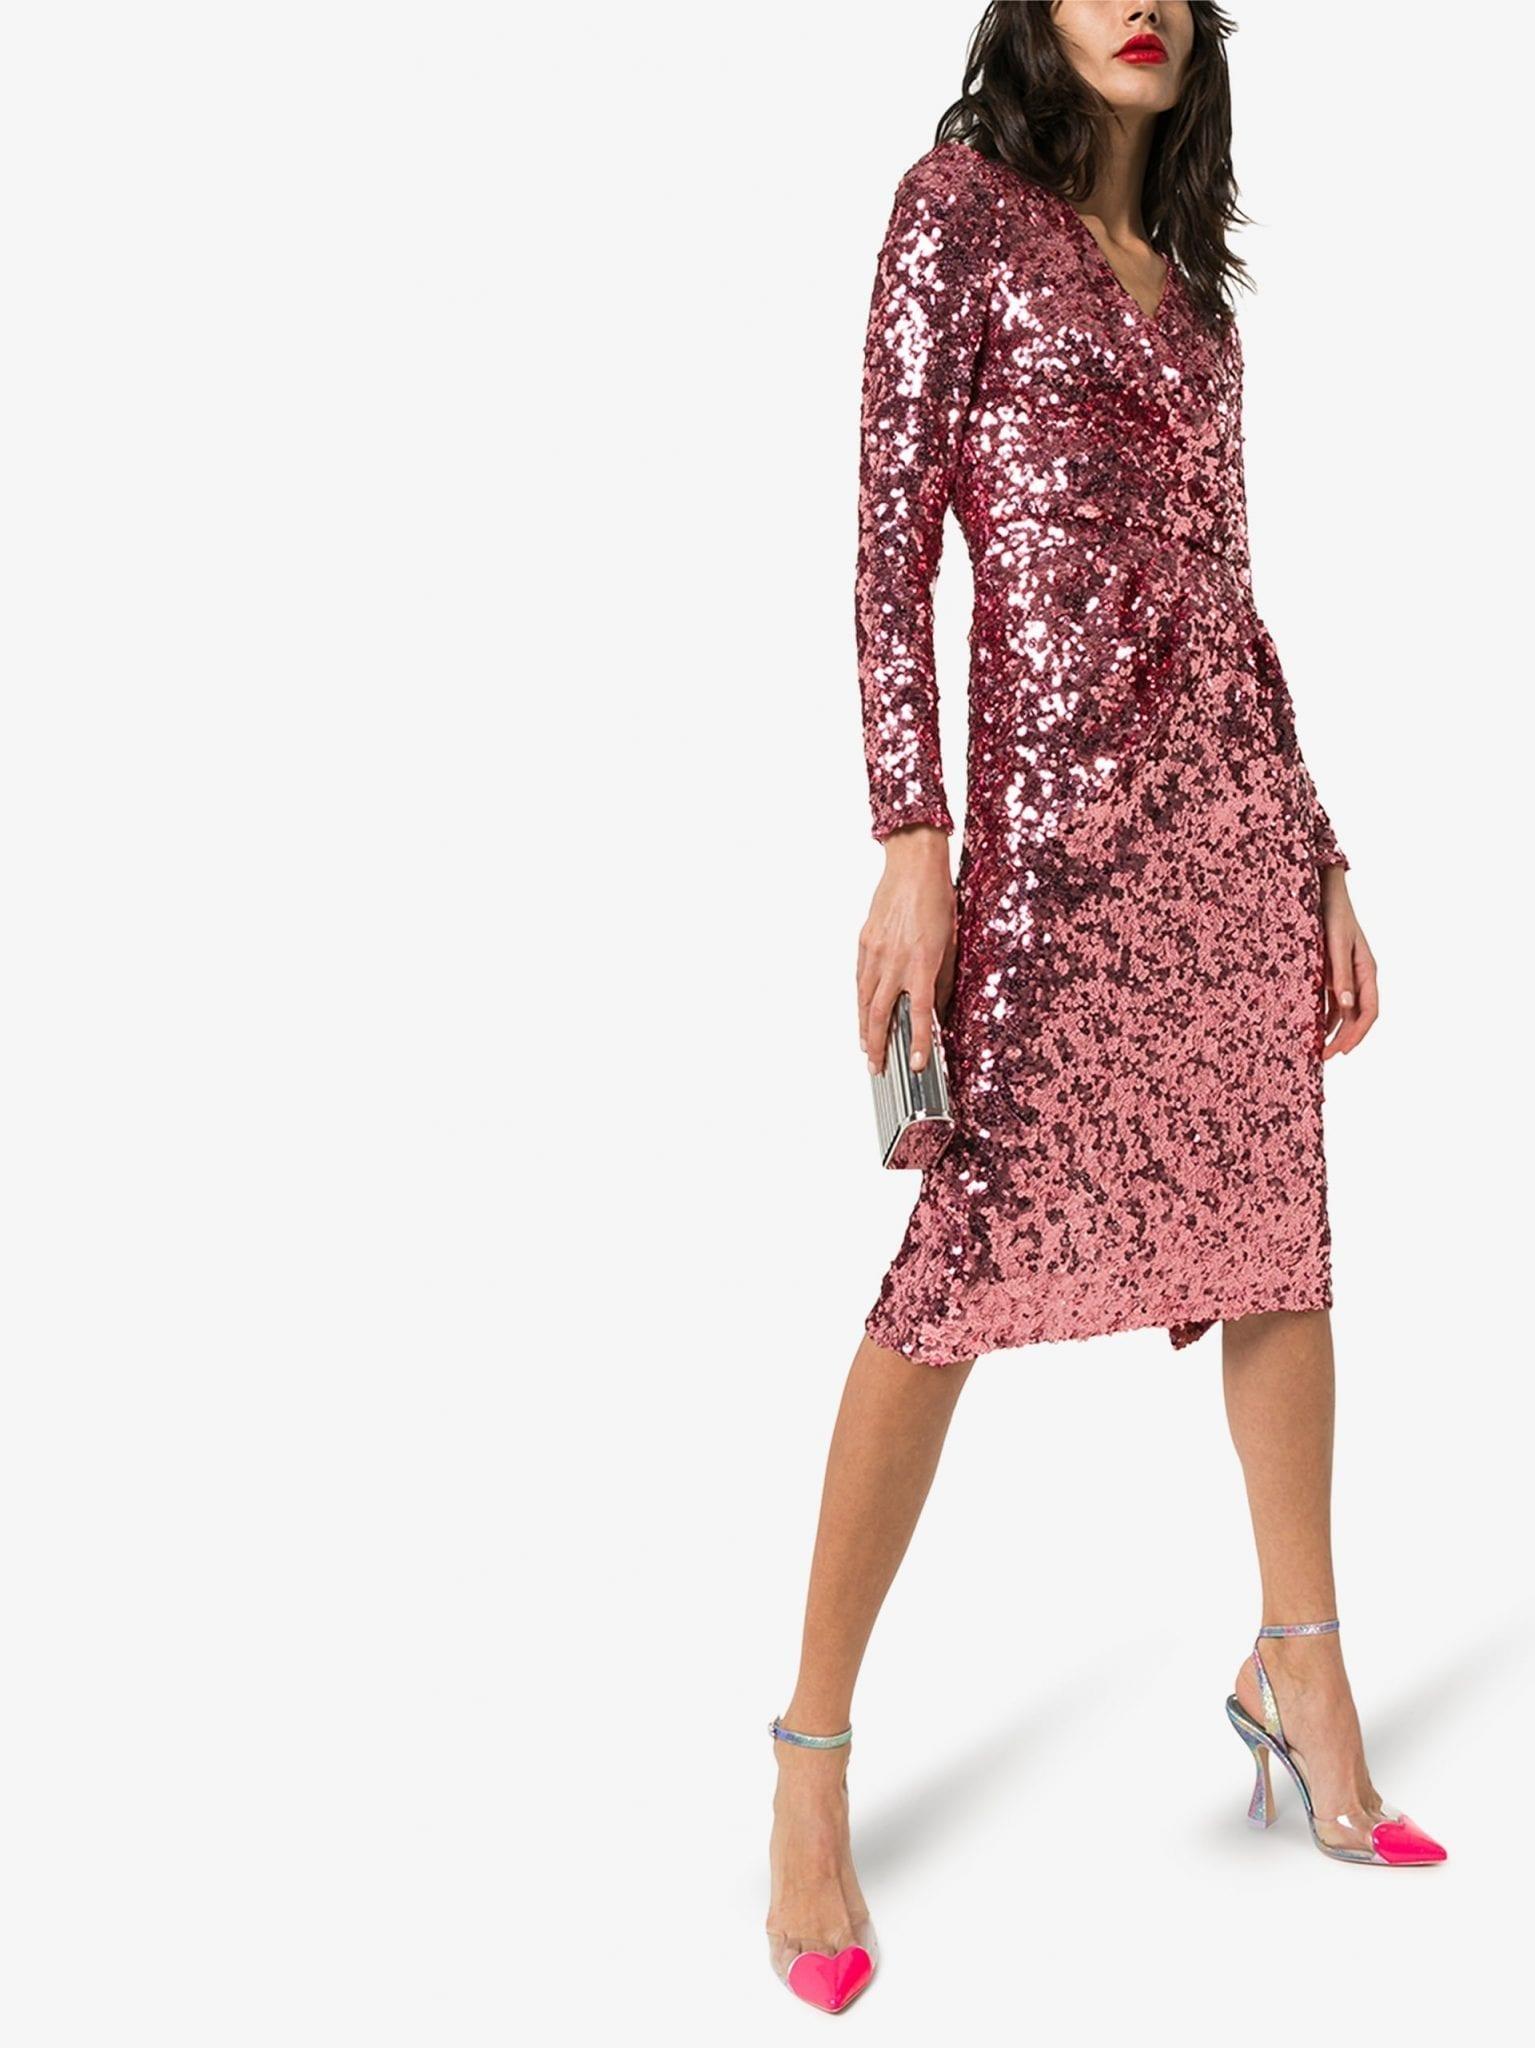 DOLCE & GABBANA Sequin Wrap Dress